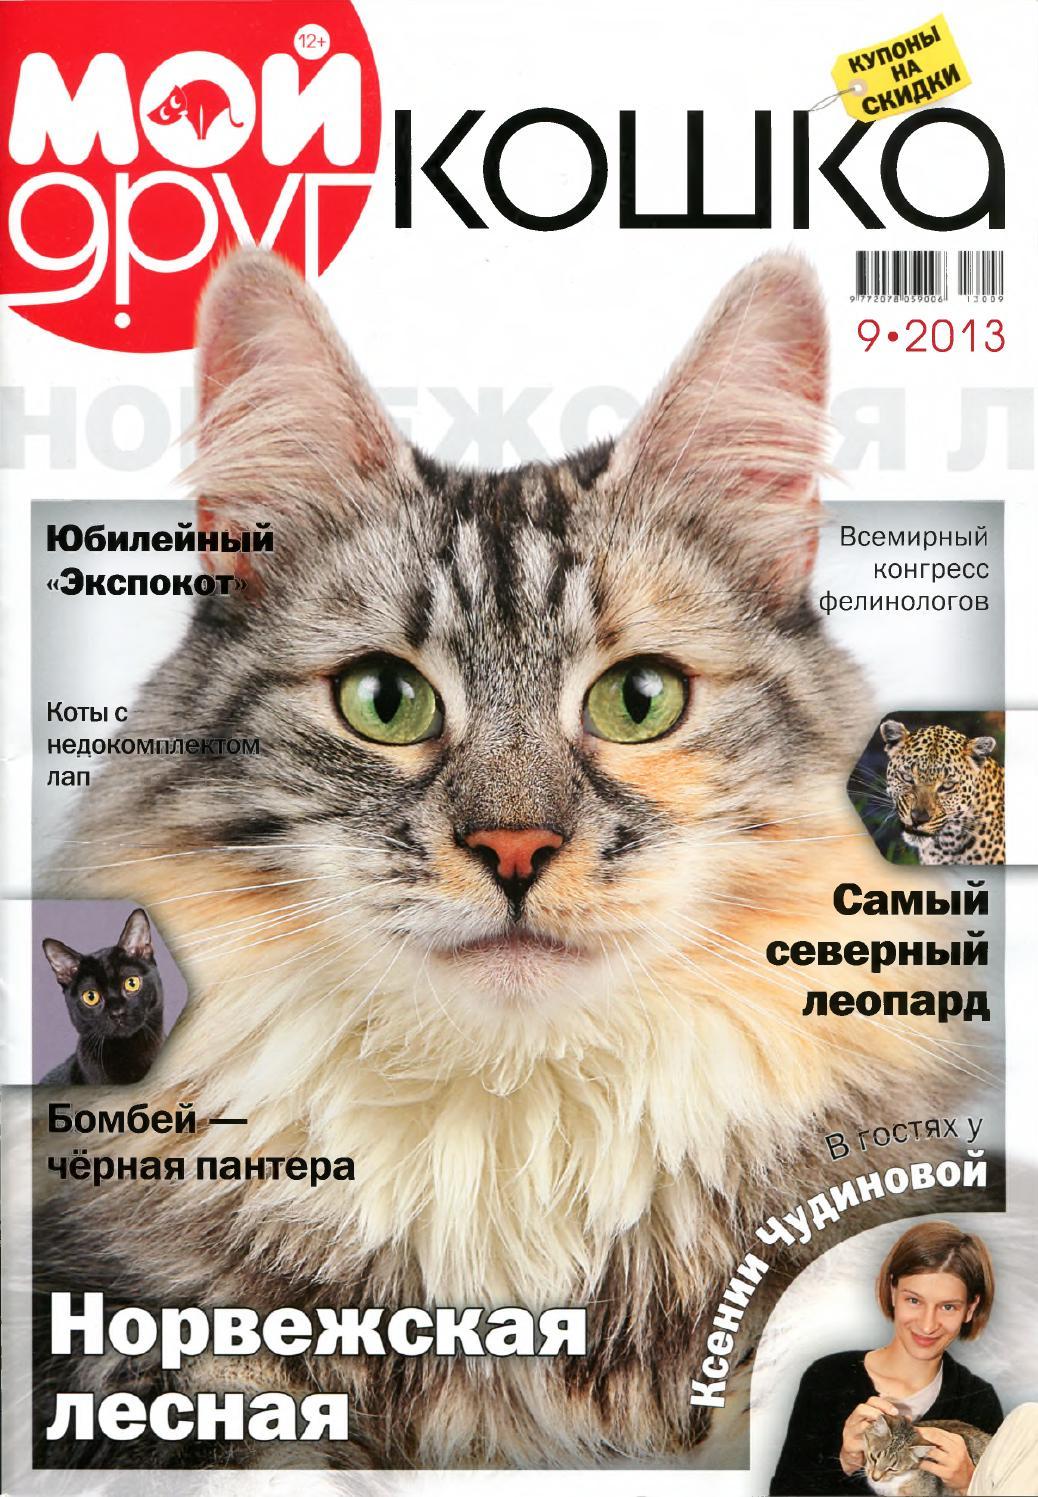 Настасья Кински Без Одежды На Ночной Охоте – Люди-Кошки (1982)